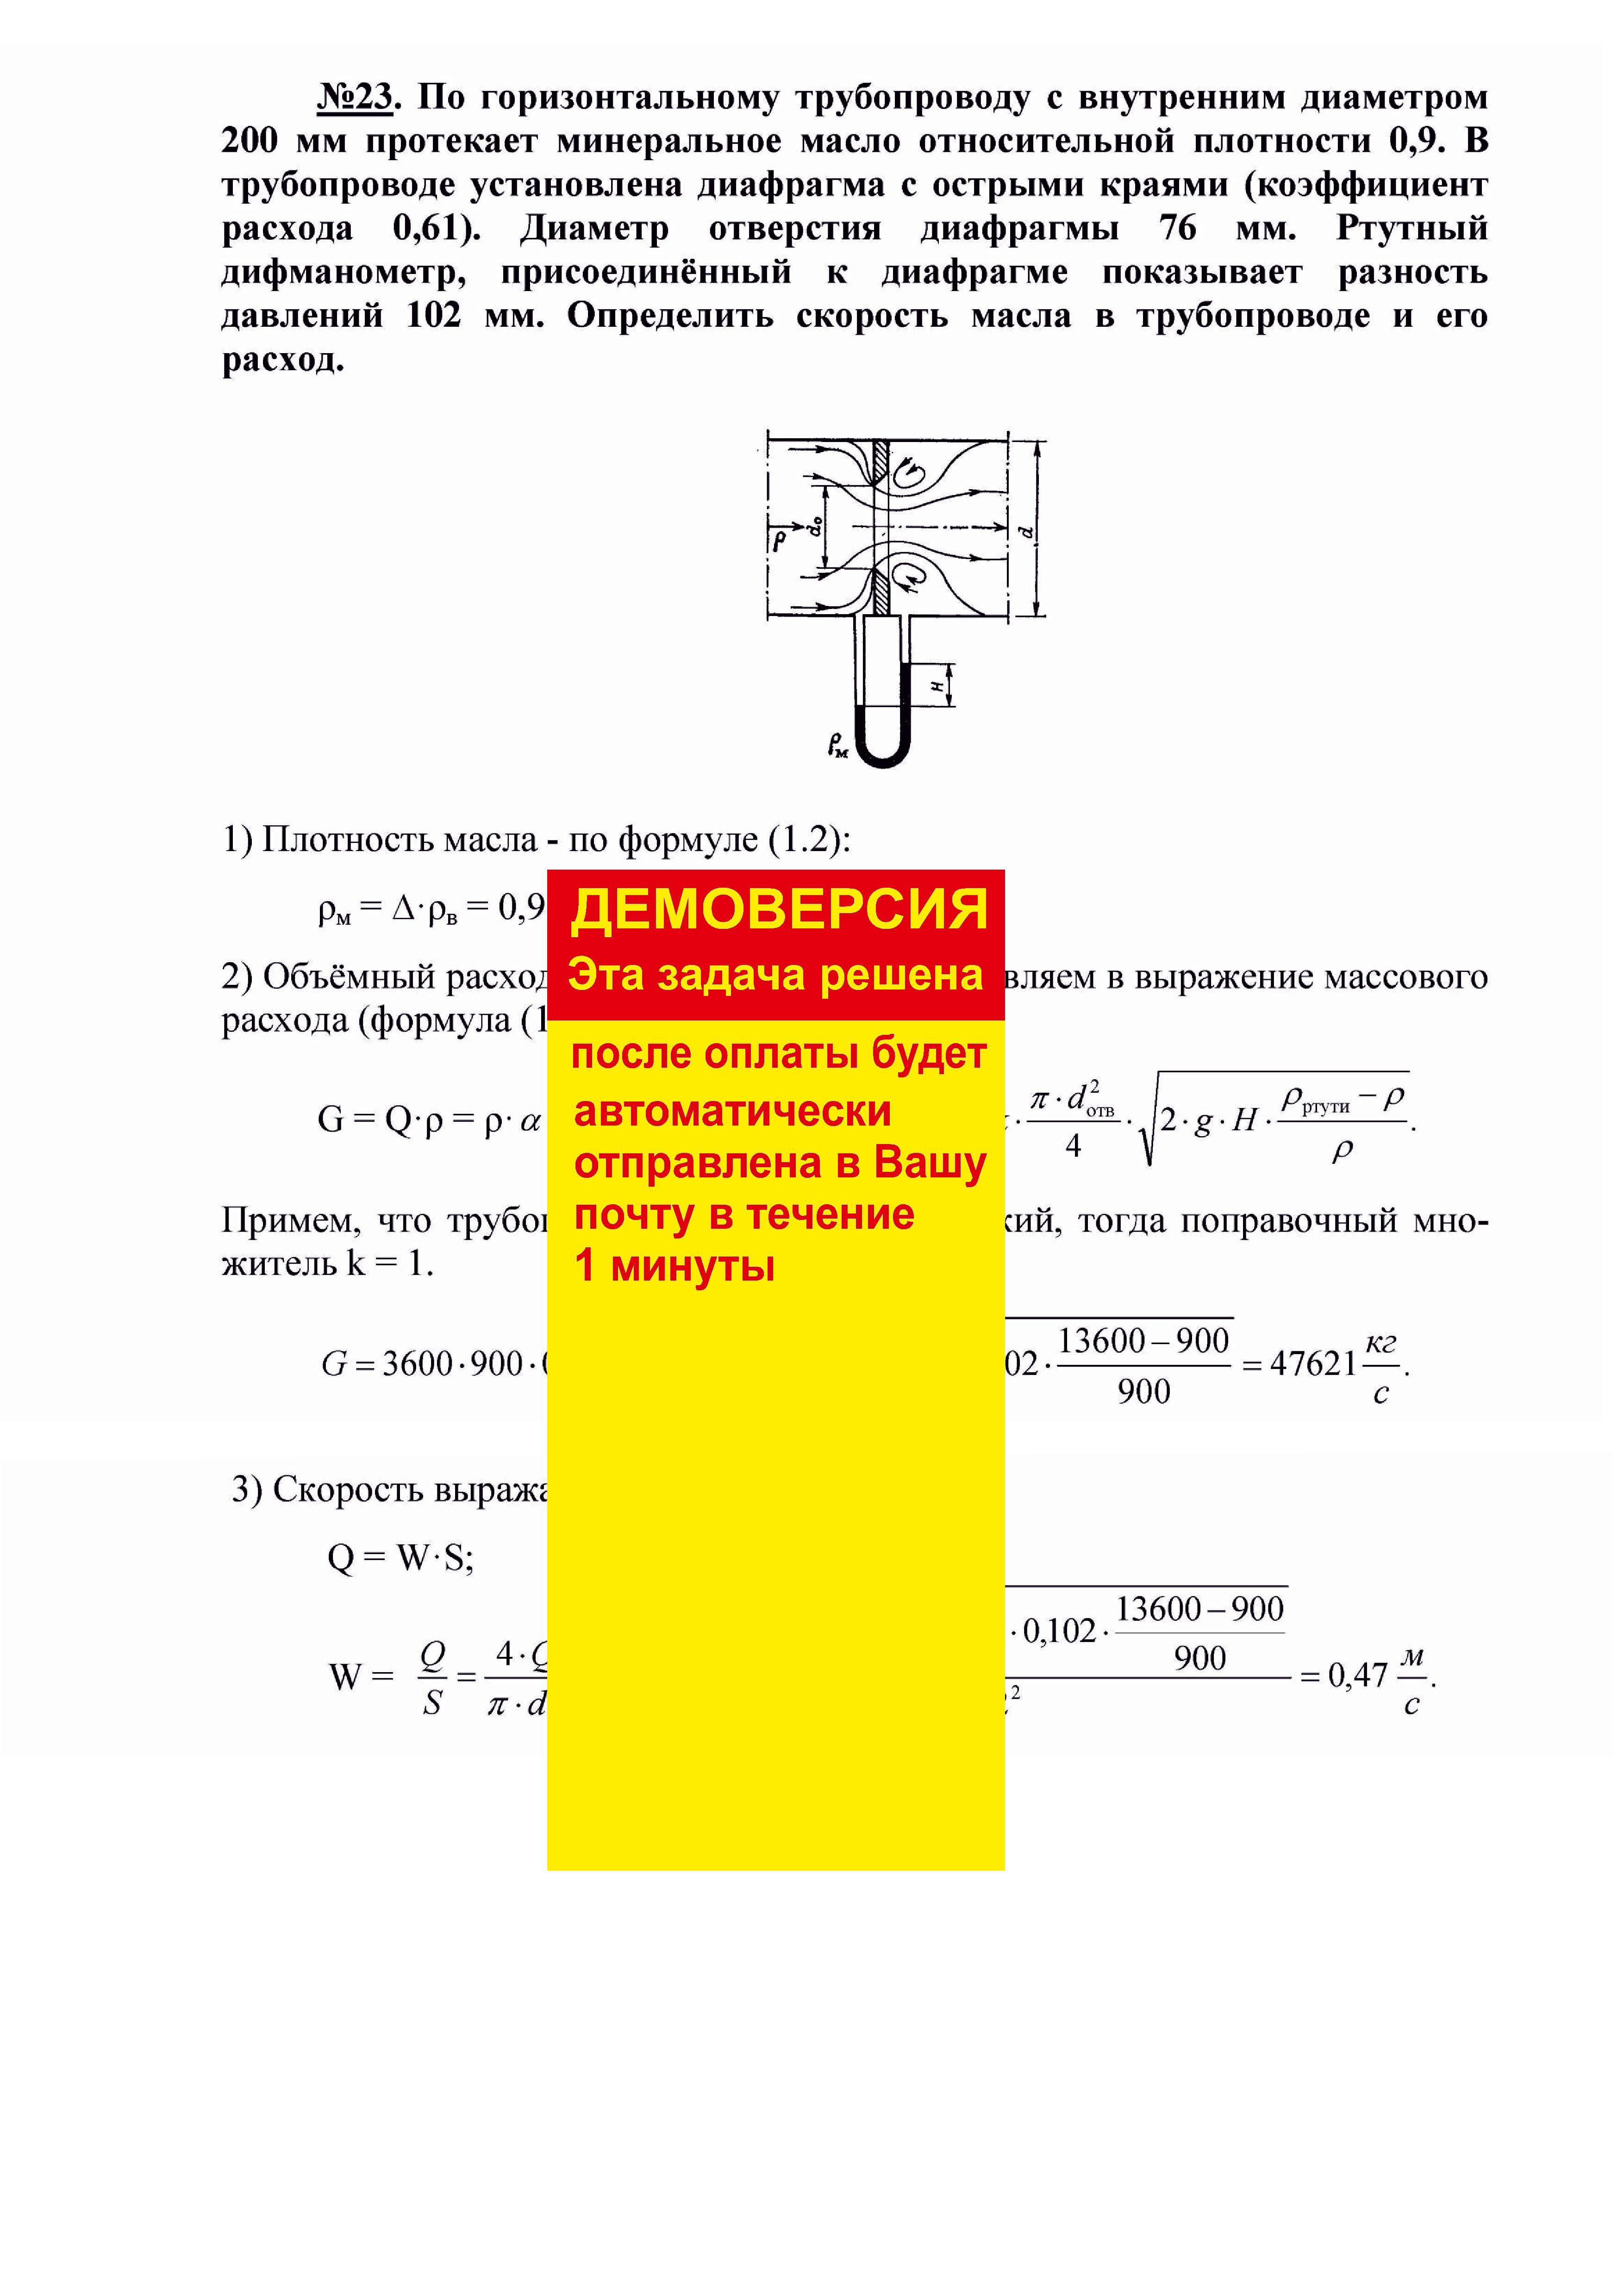 Решение задачи 1.23 по ПАХТ из задачника Павлова Романкова Носкова